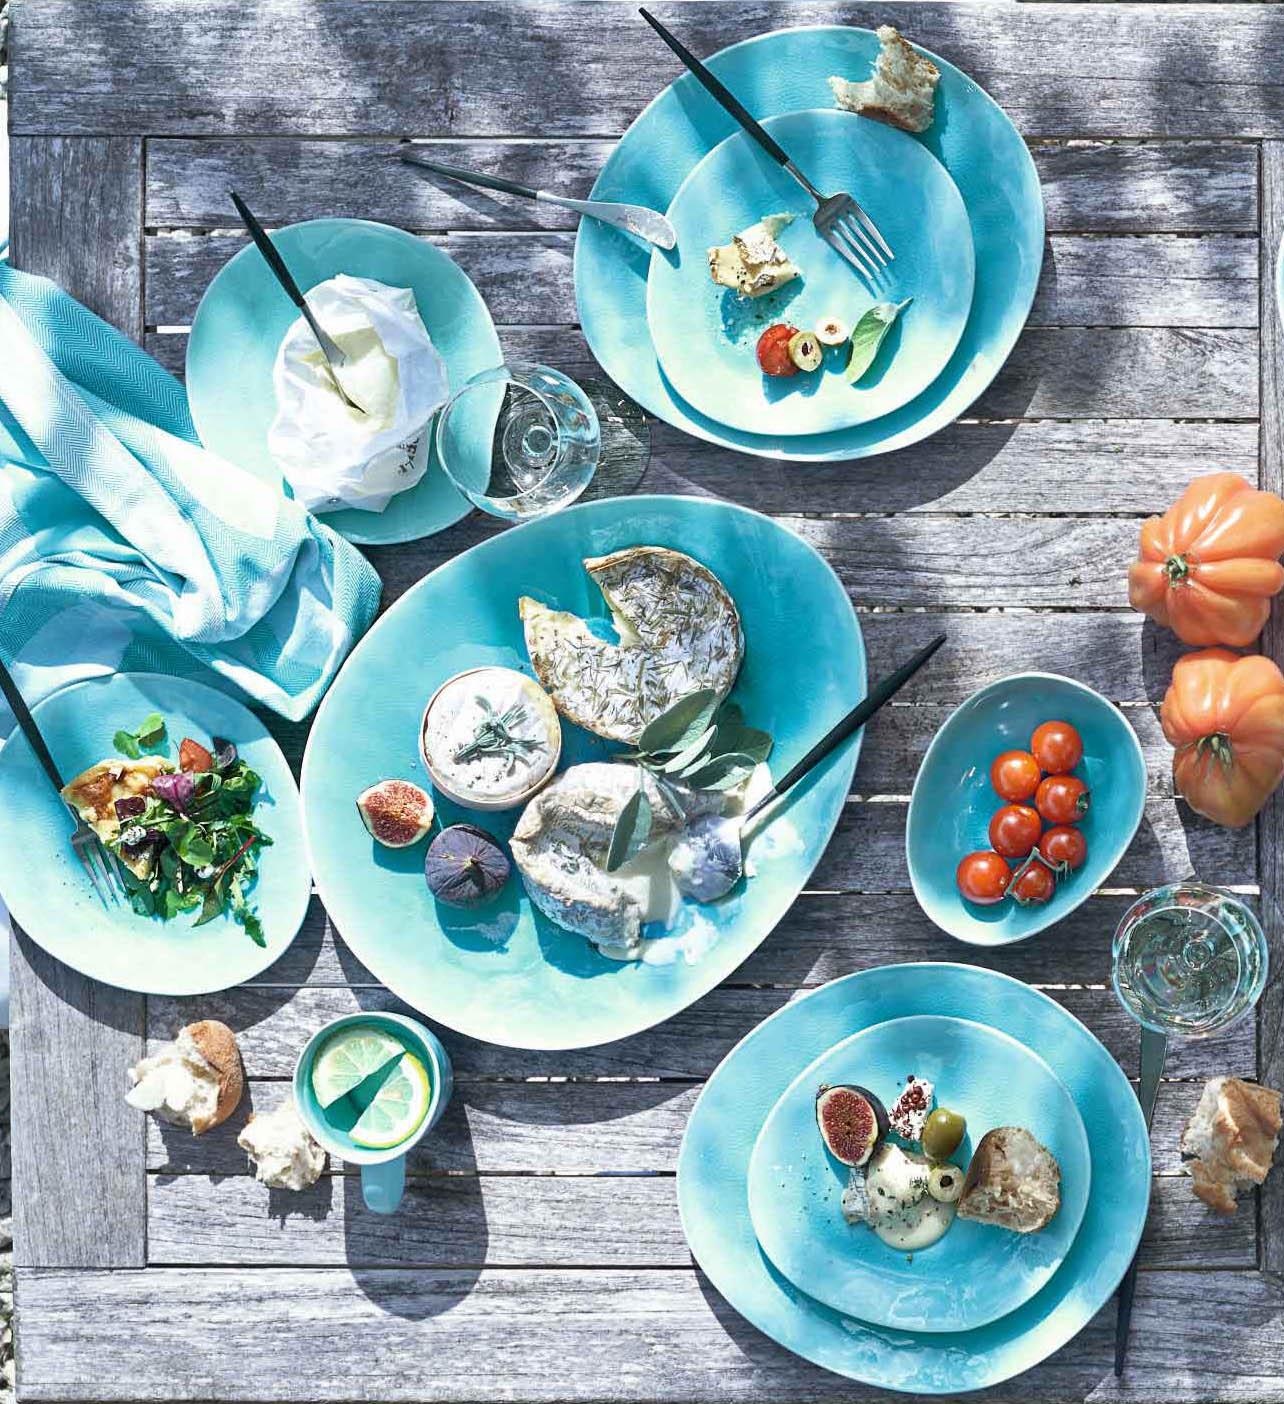 Vajilla de porcelana esmaltada azul turquesa